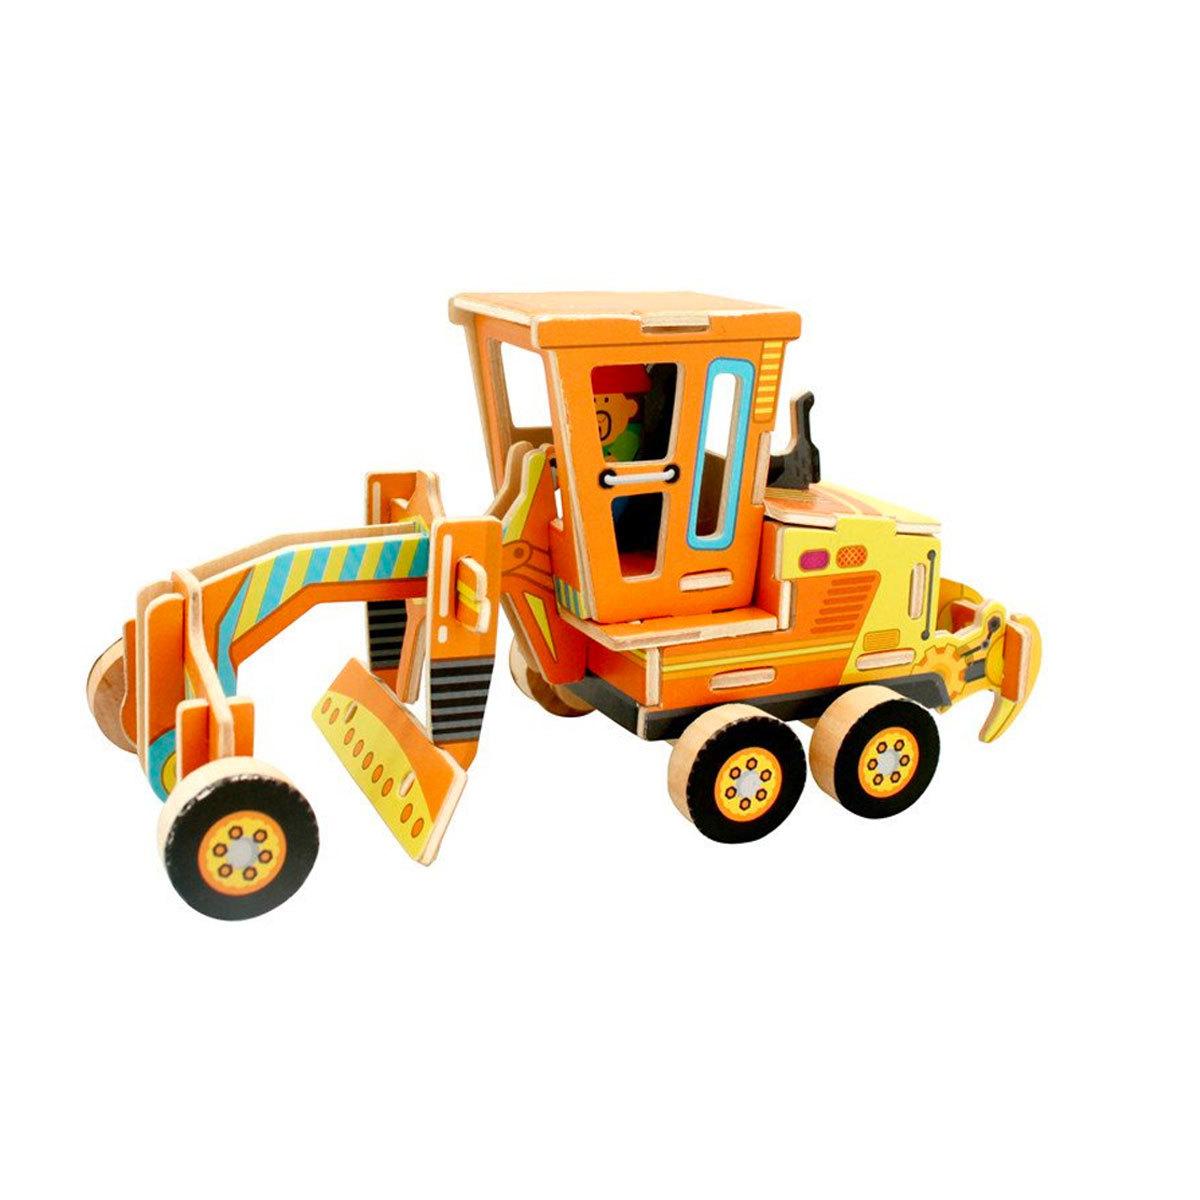 Robotime: Grader Consruction Vehicle image